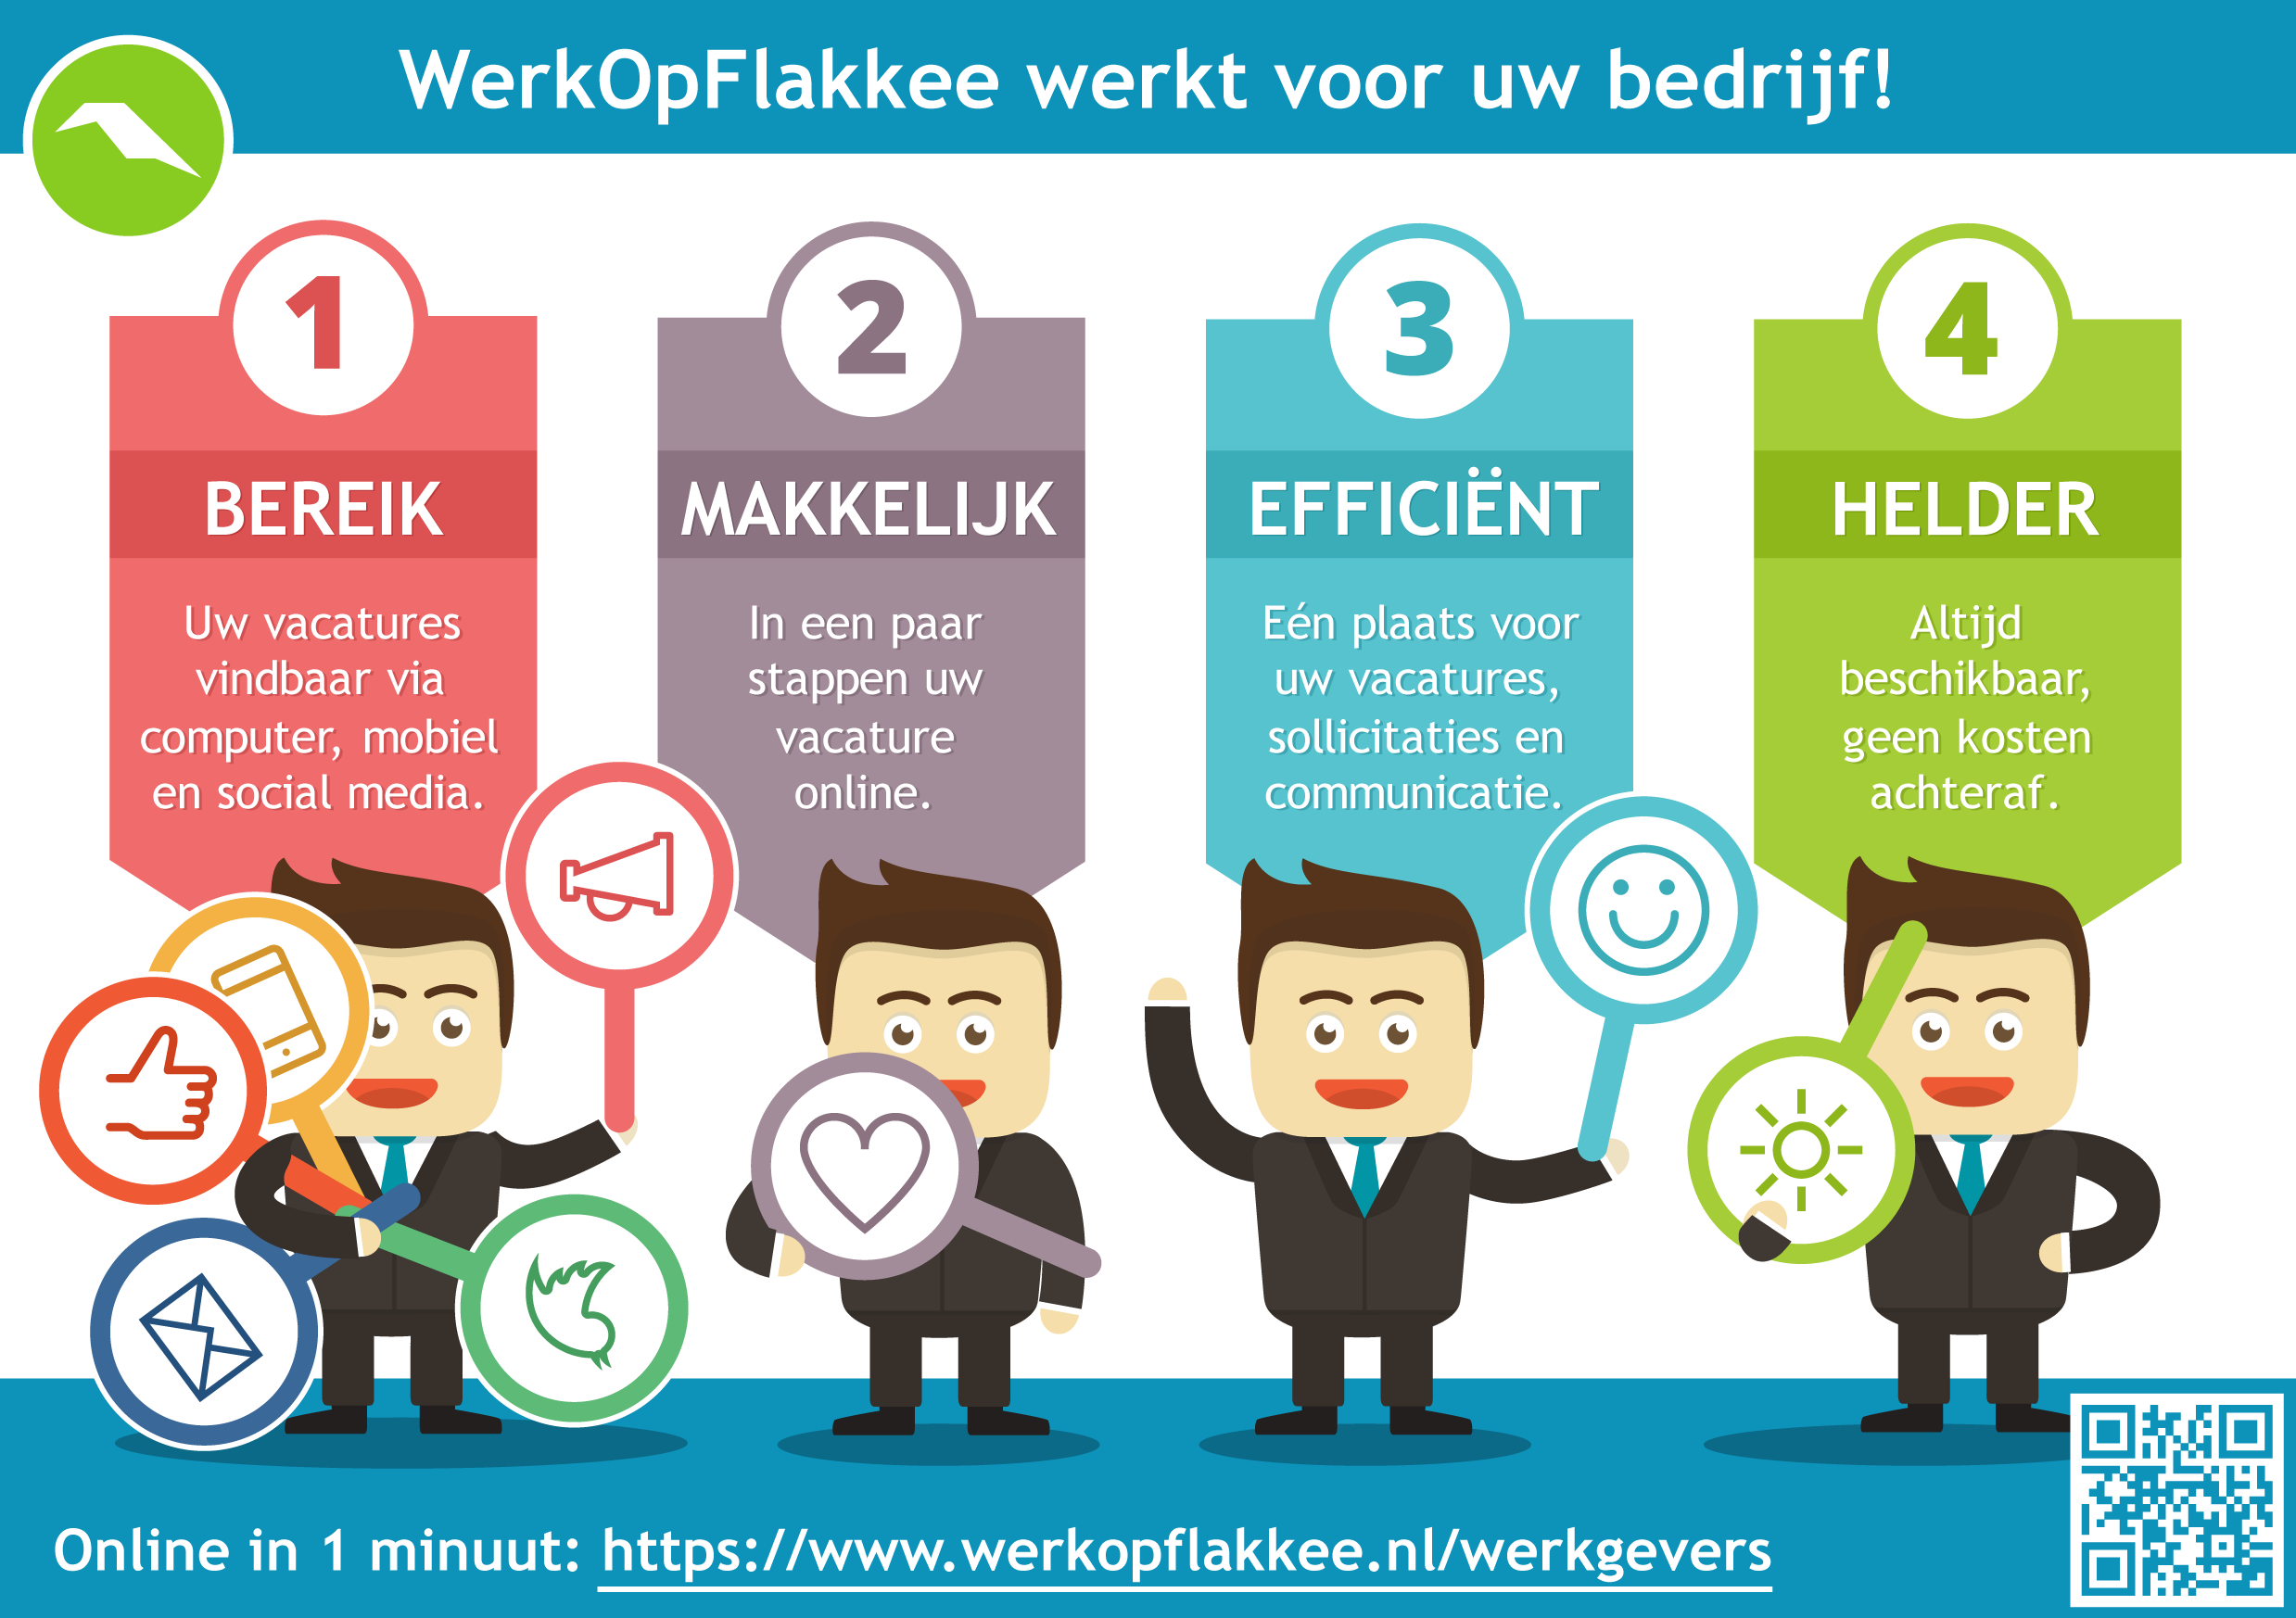 Gratis vacatures plaatsen op WerkOpFlakkee: makkelijk en efficiënt